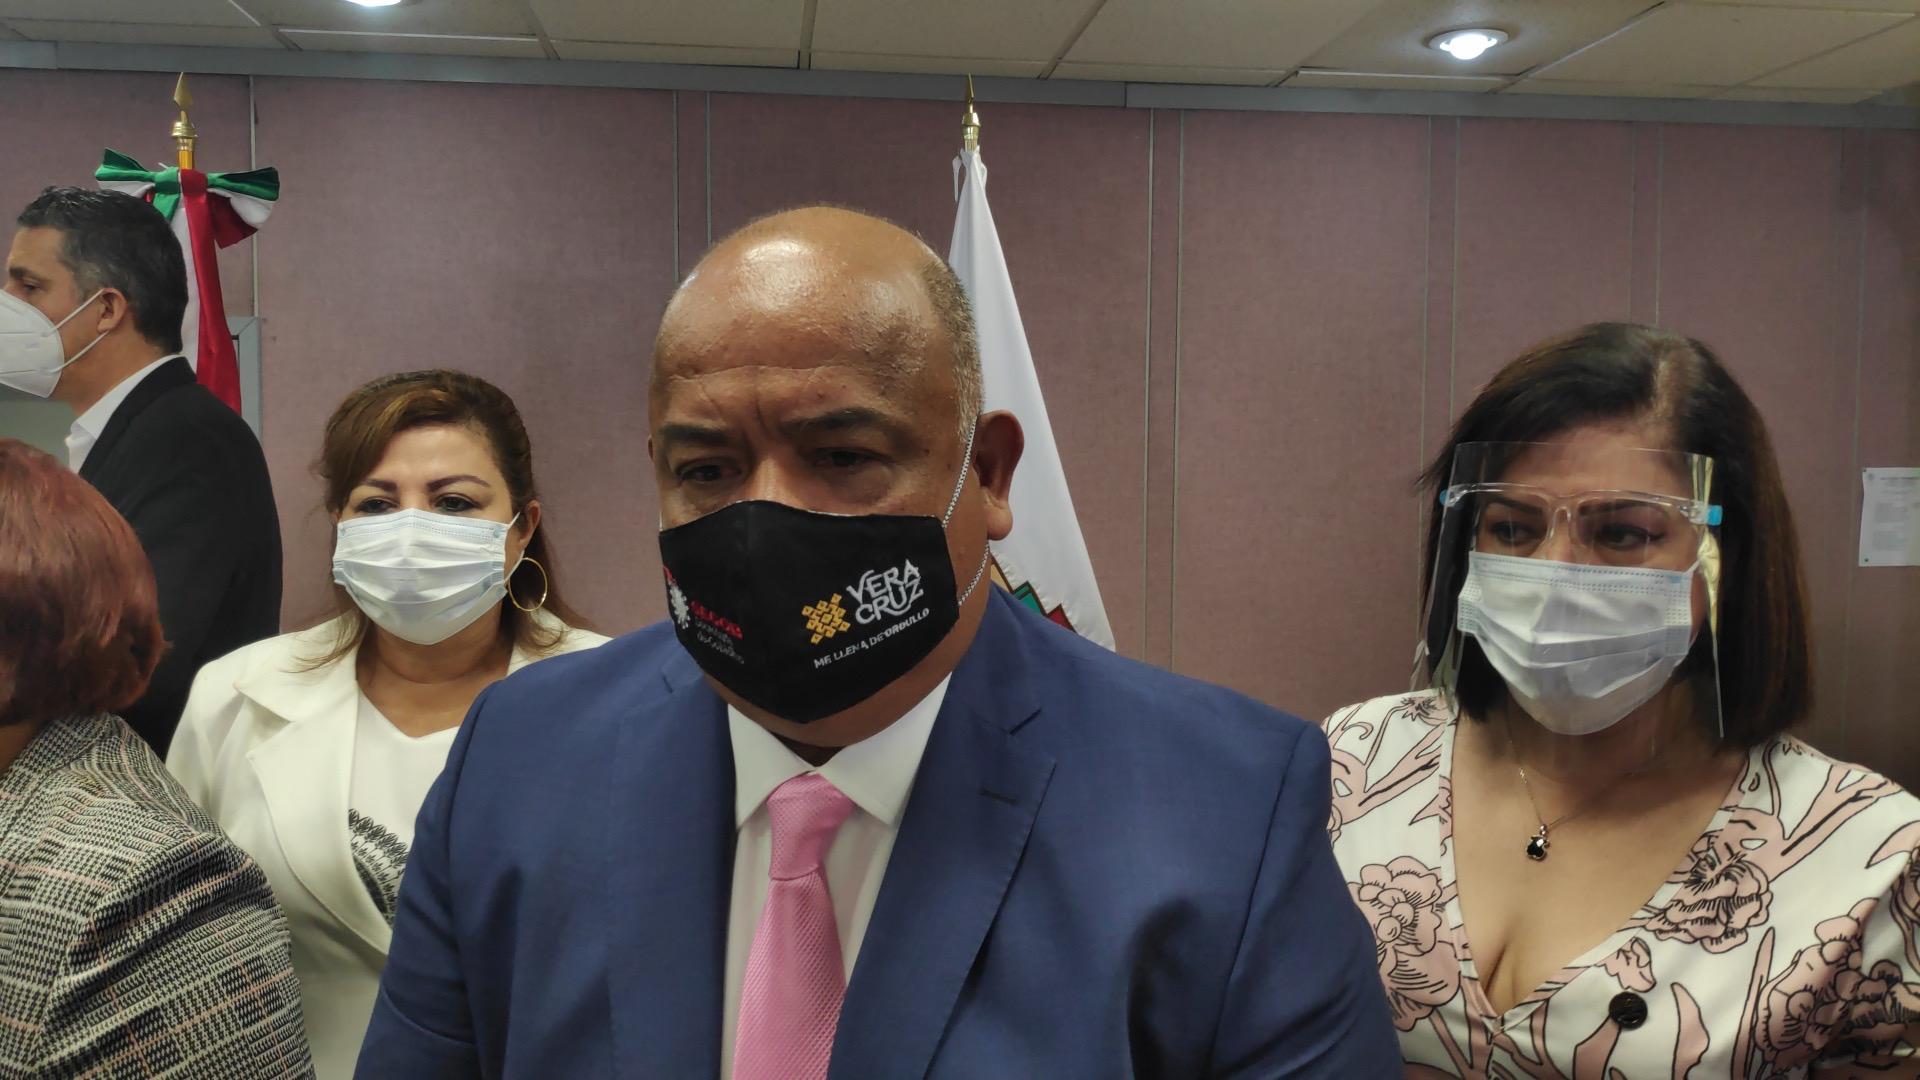 Señalamientos de alcalde de San Rafael, es asunto político: Cisneros